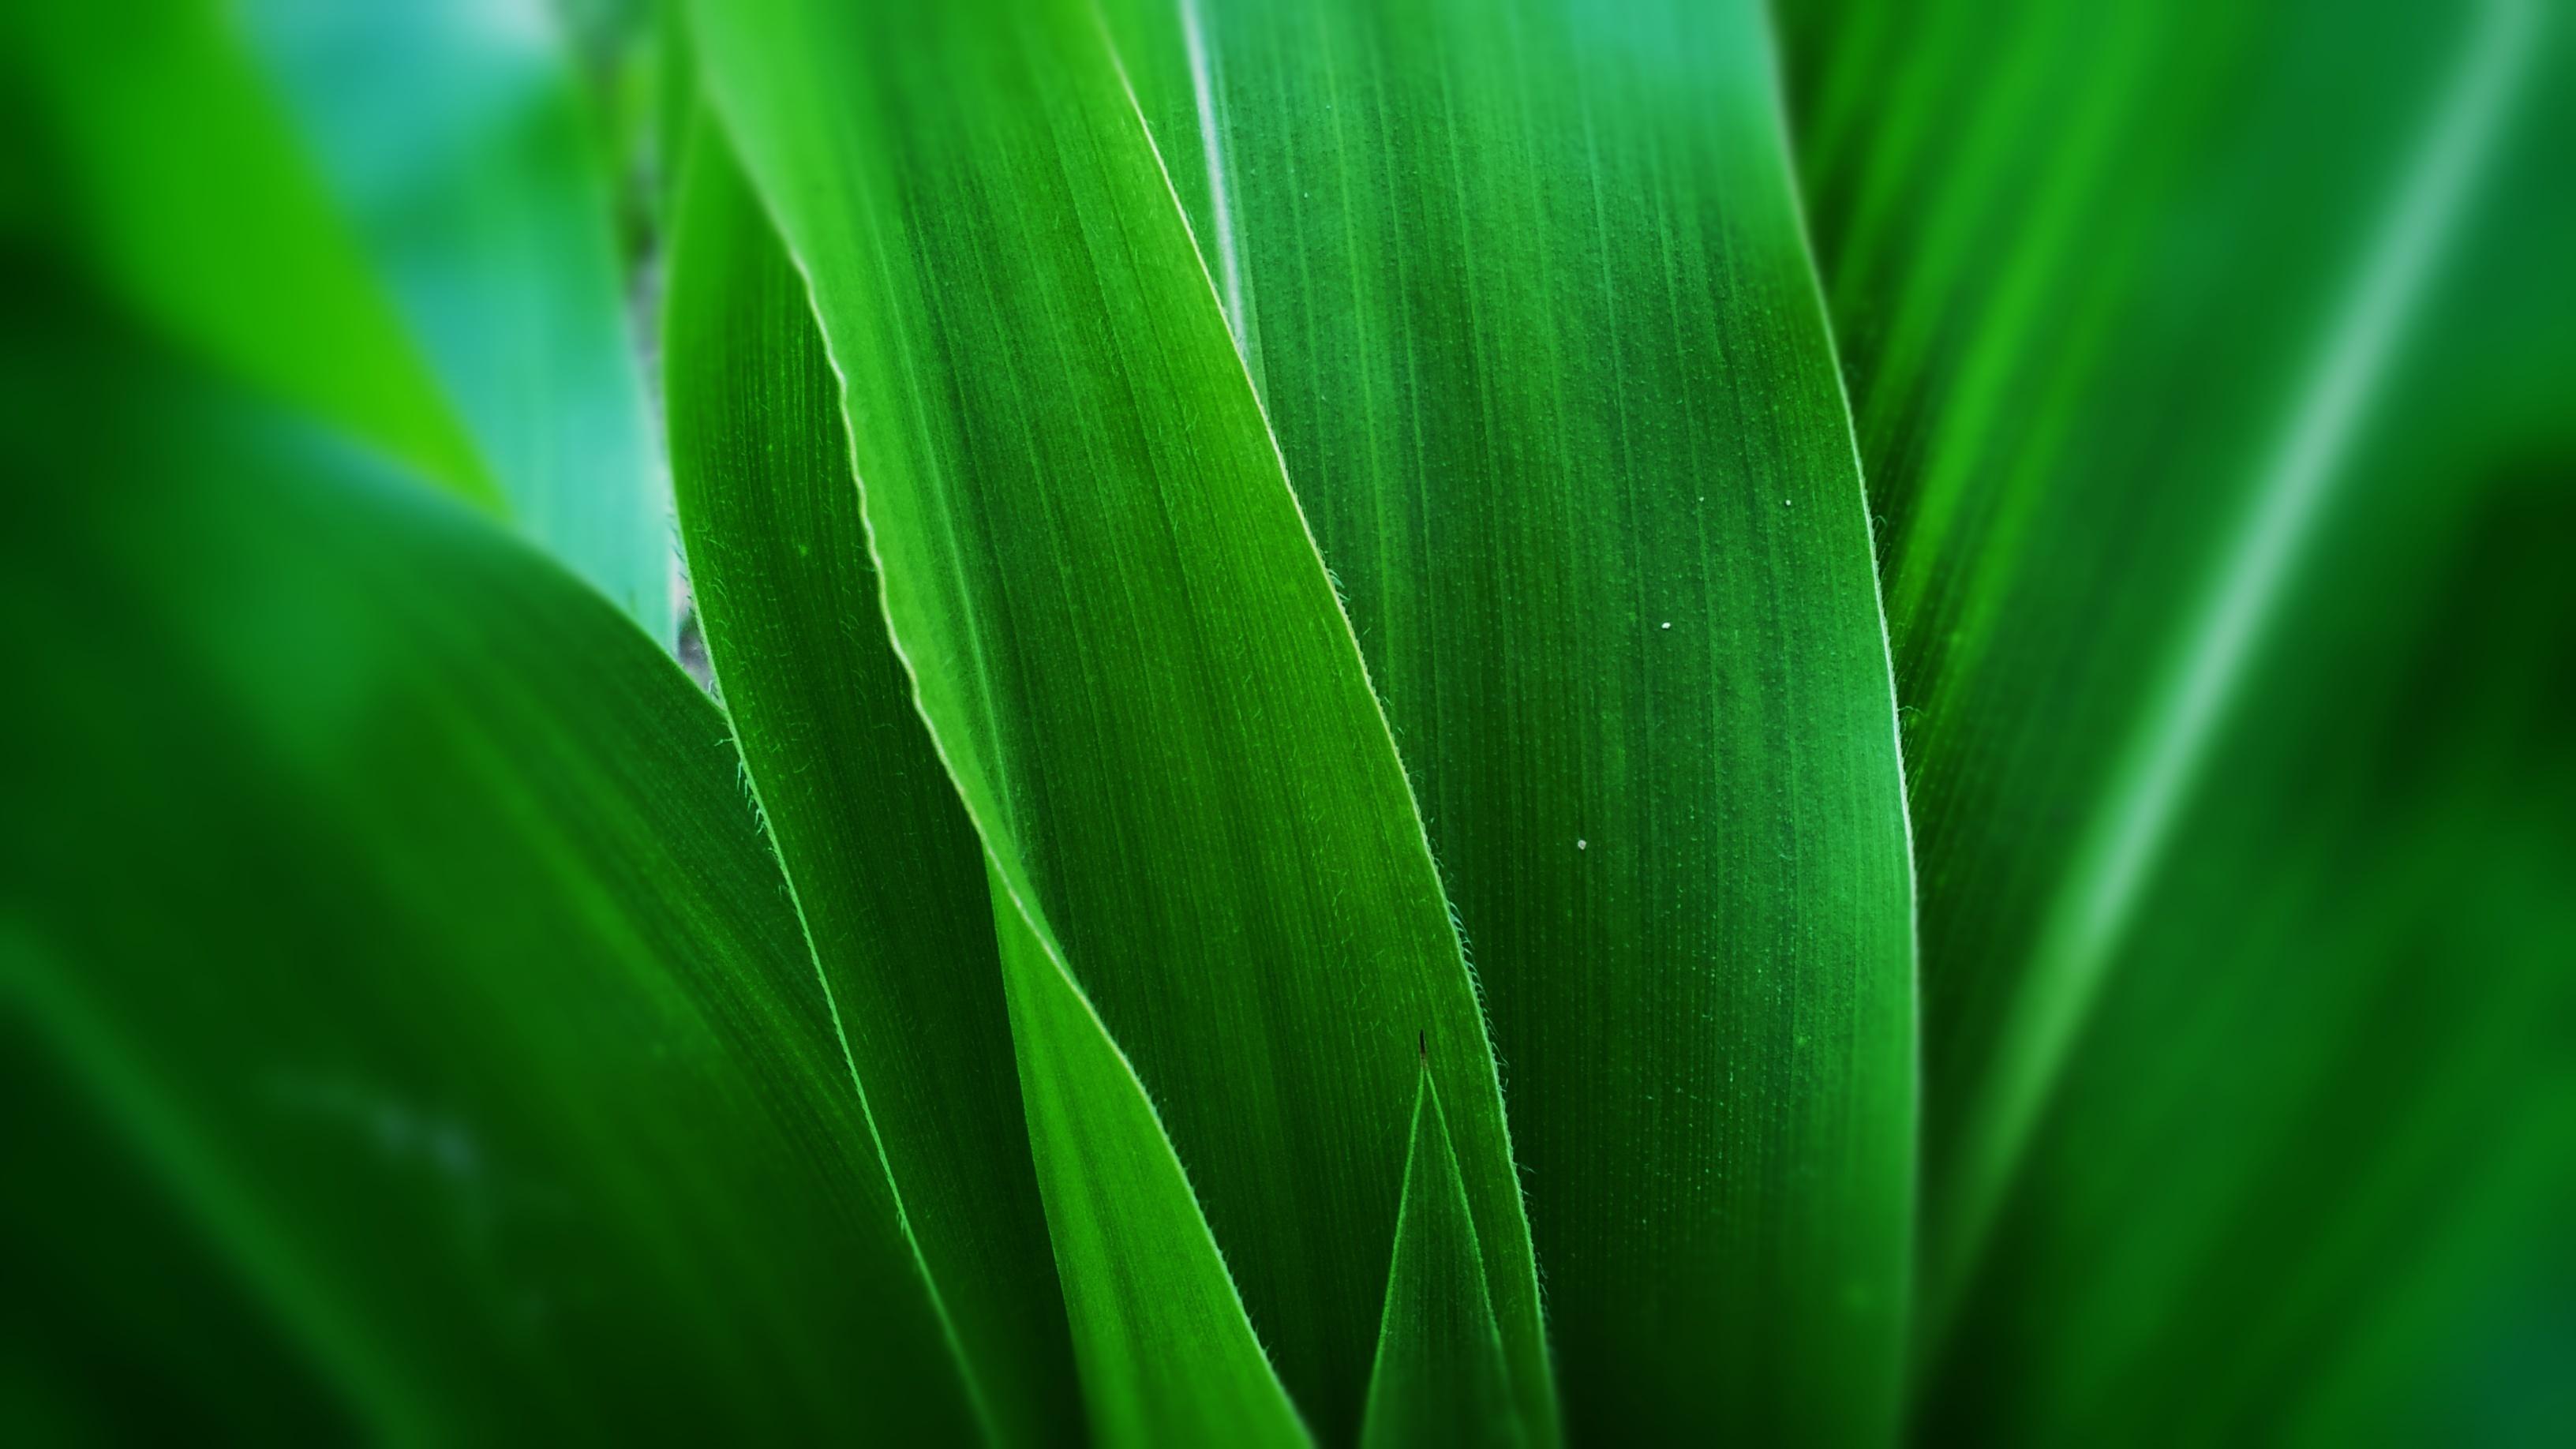 Kukurydza – słoneczne ziarno zdrowia